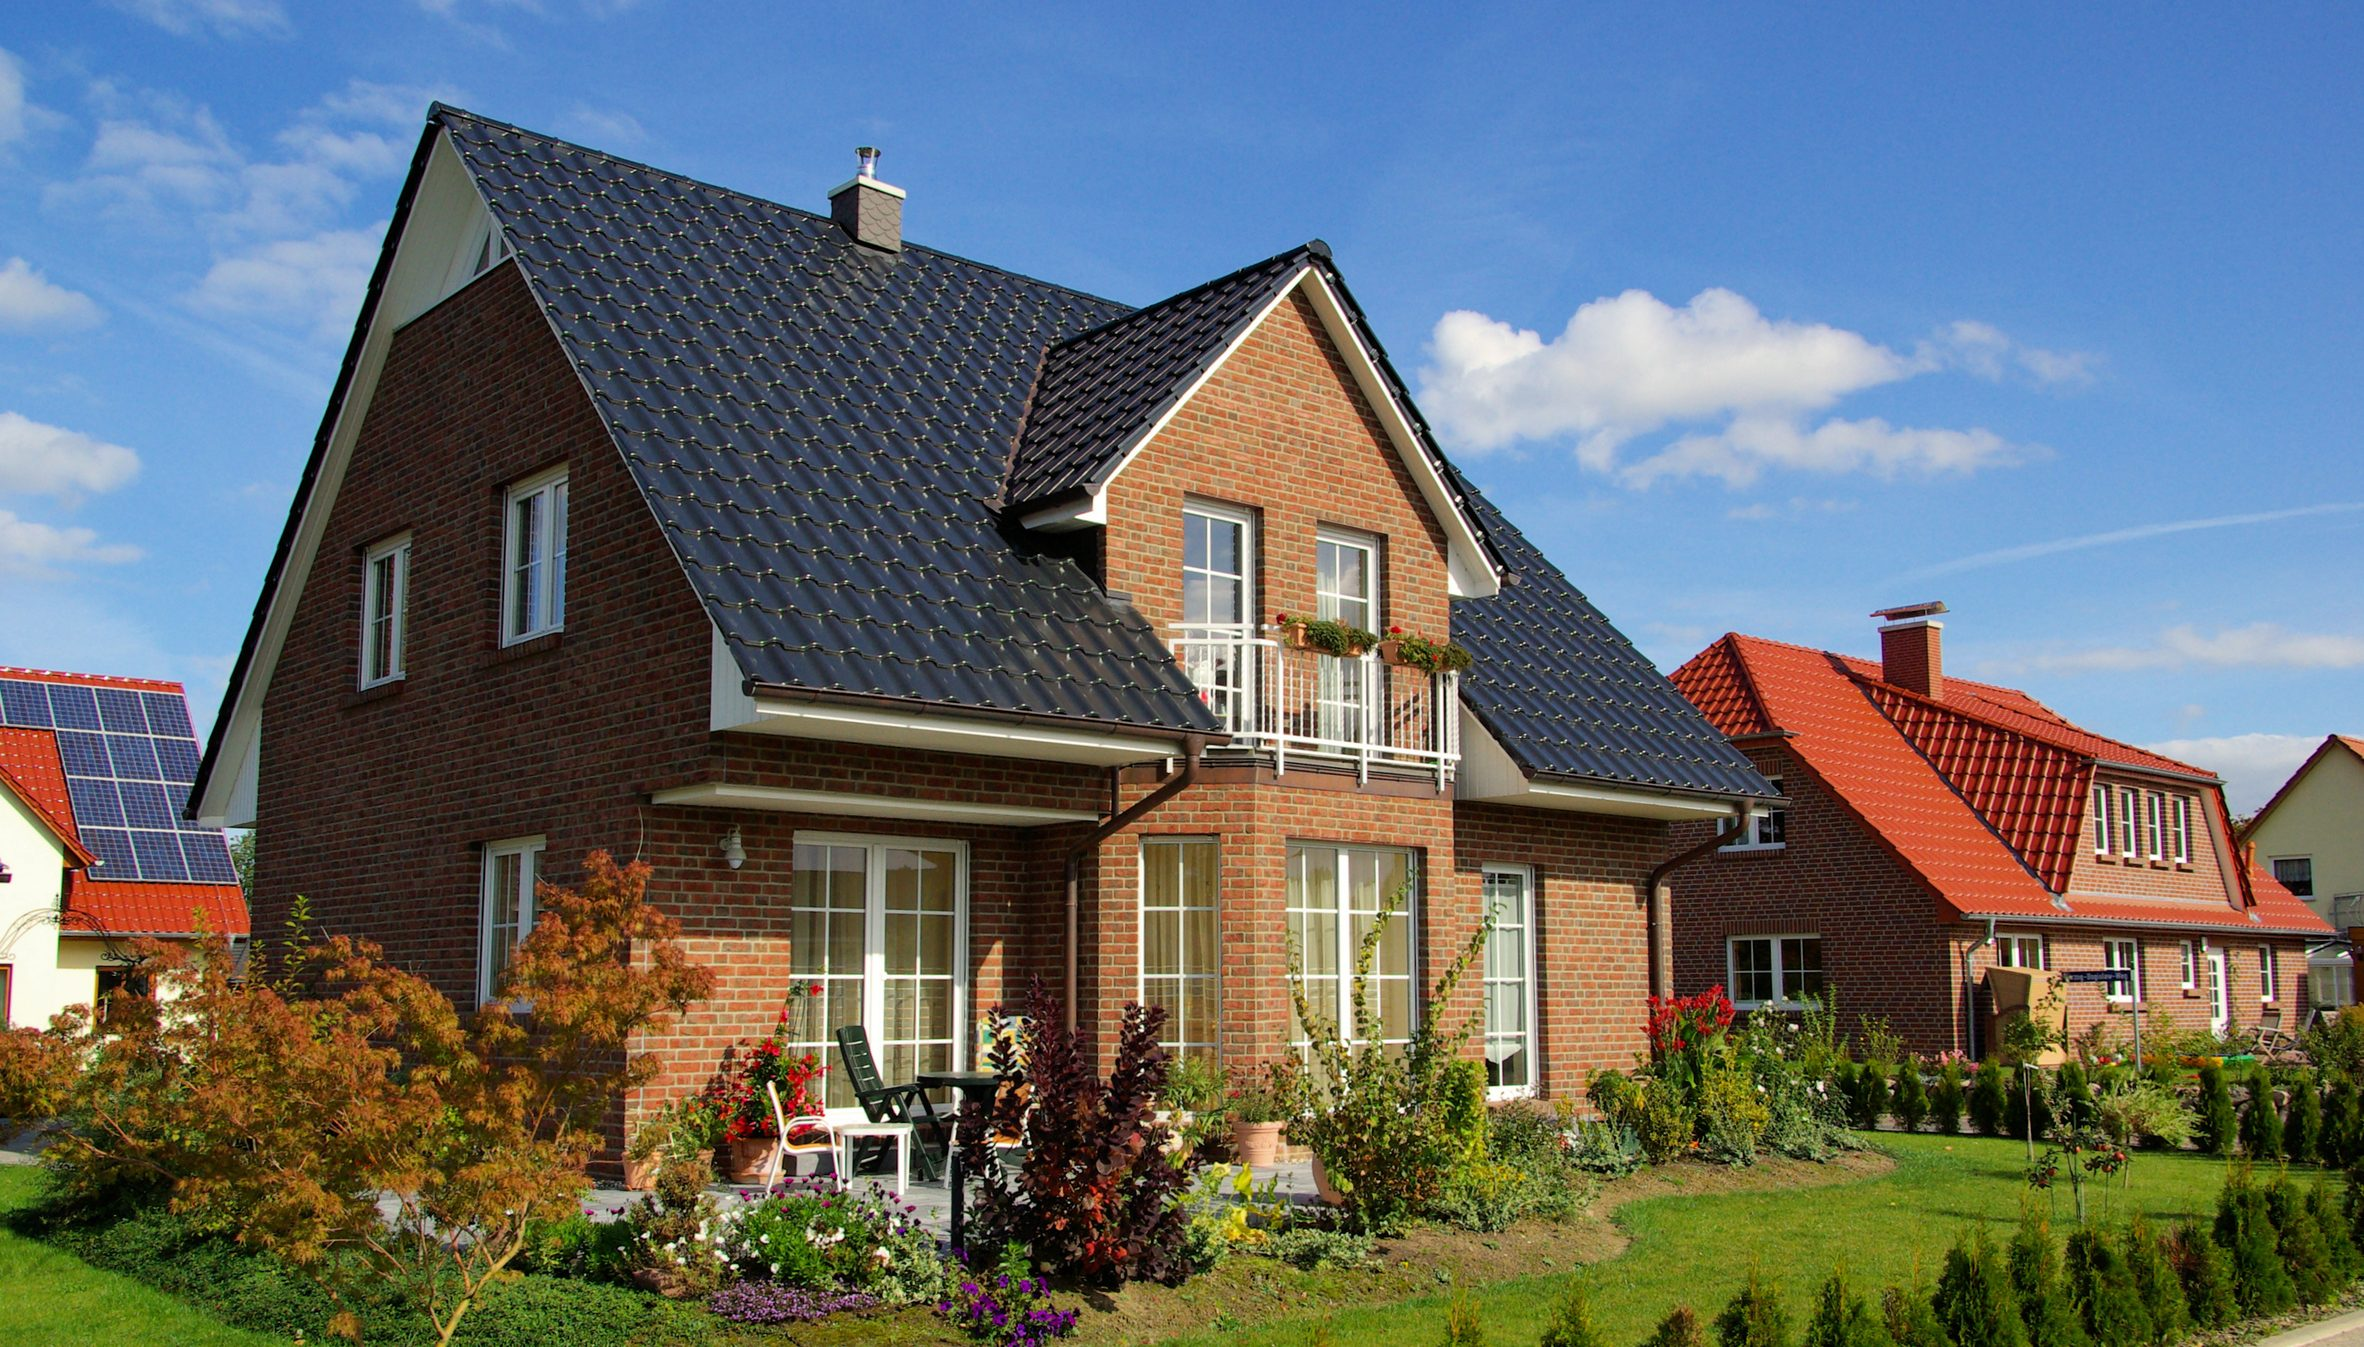 12haus.de - Einfamilienhaus -Gebäudeversicherung mit Allgefahrendeckung